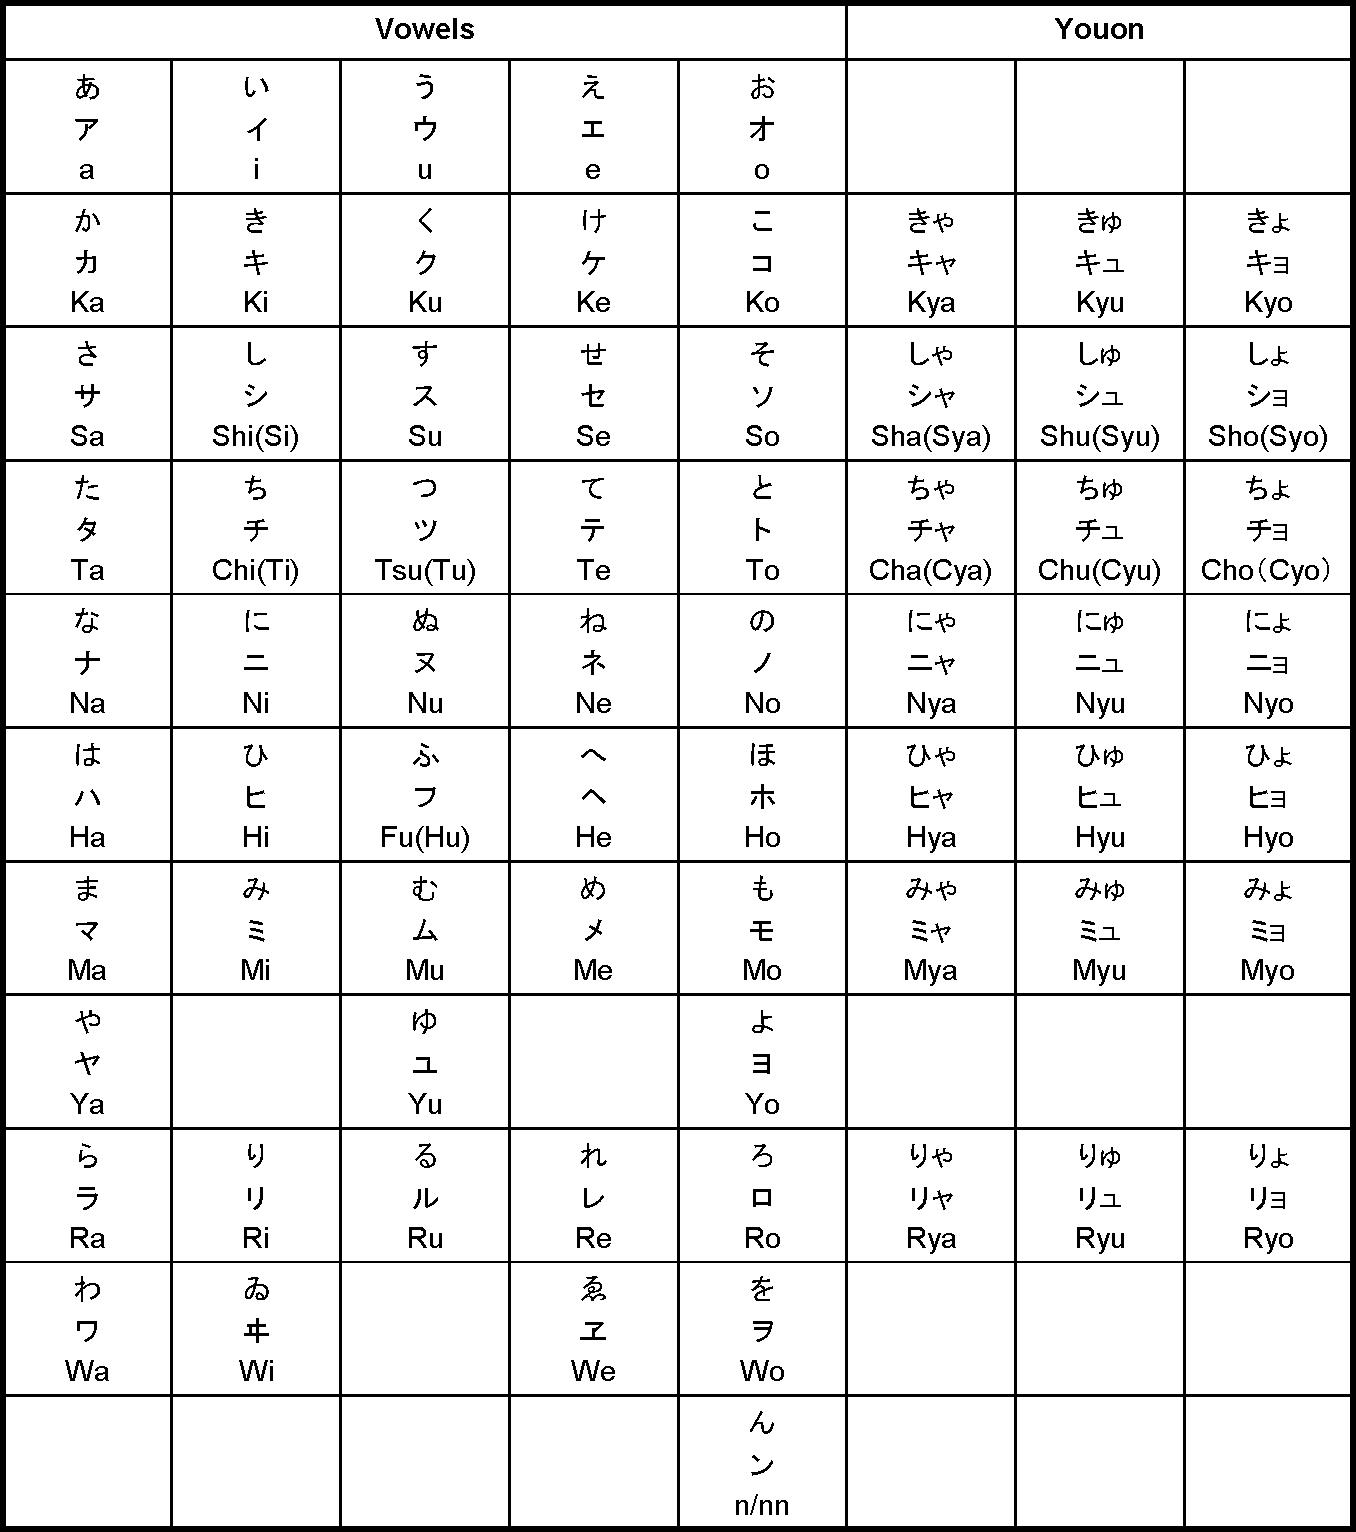 Language Hiragana: Daimyo